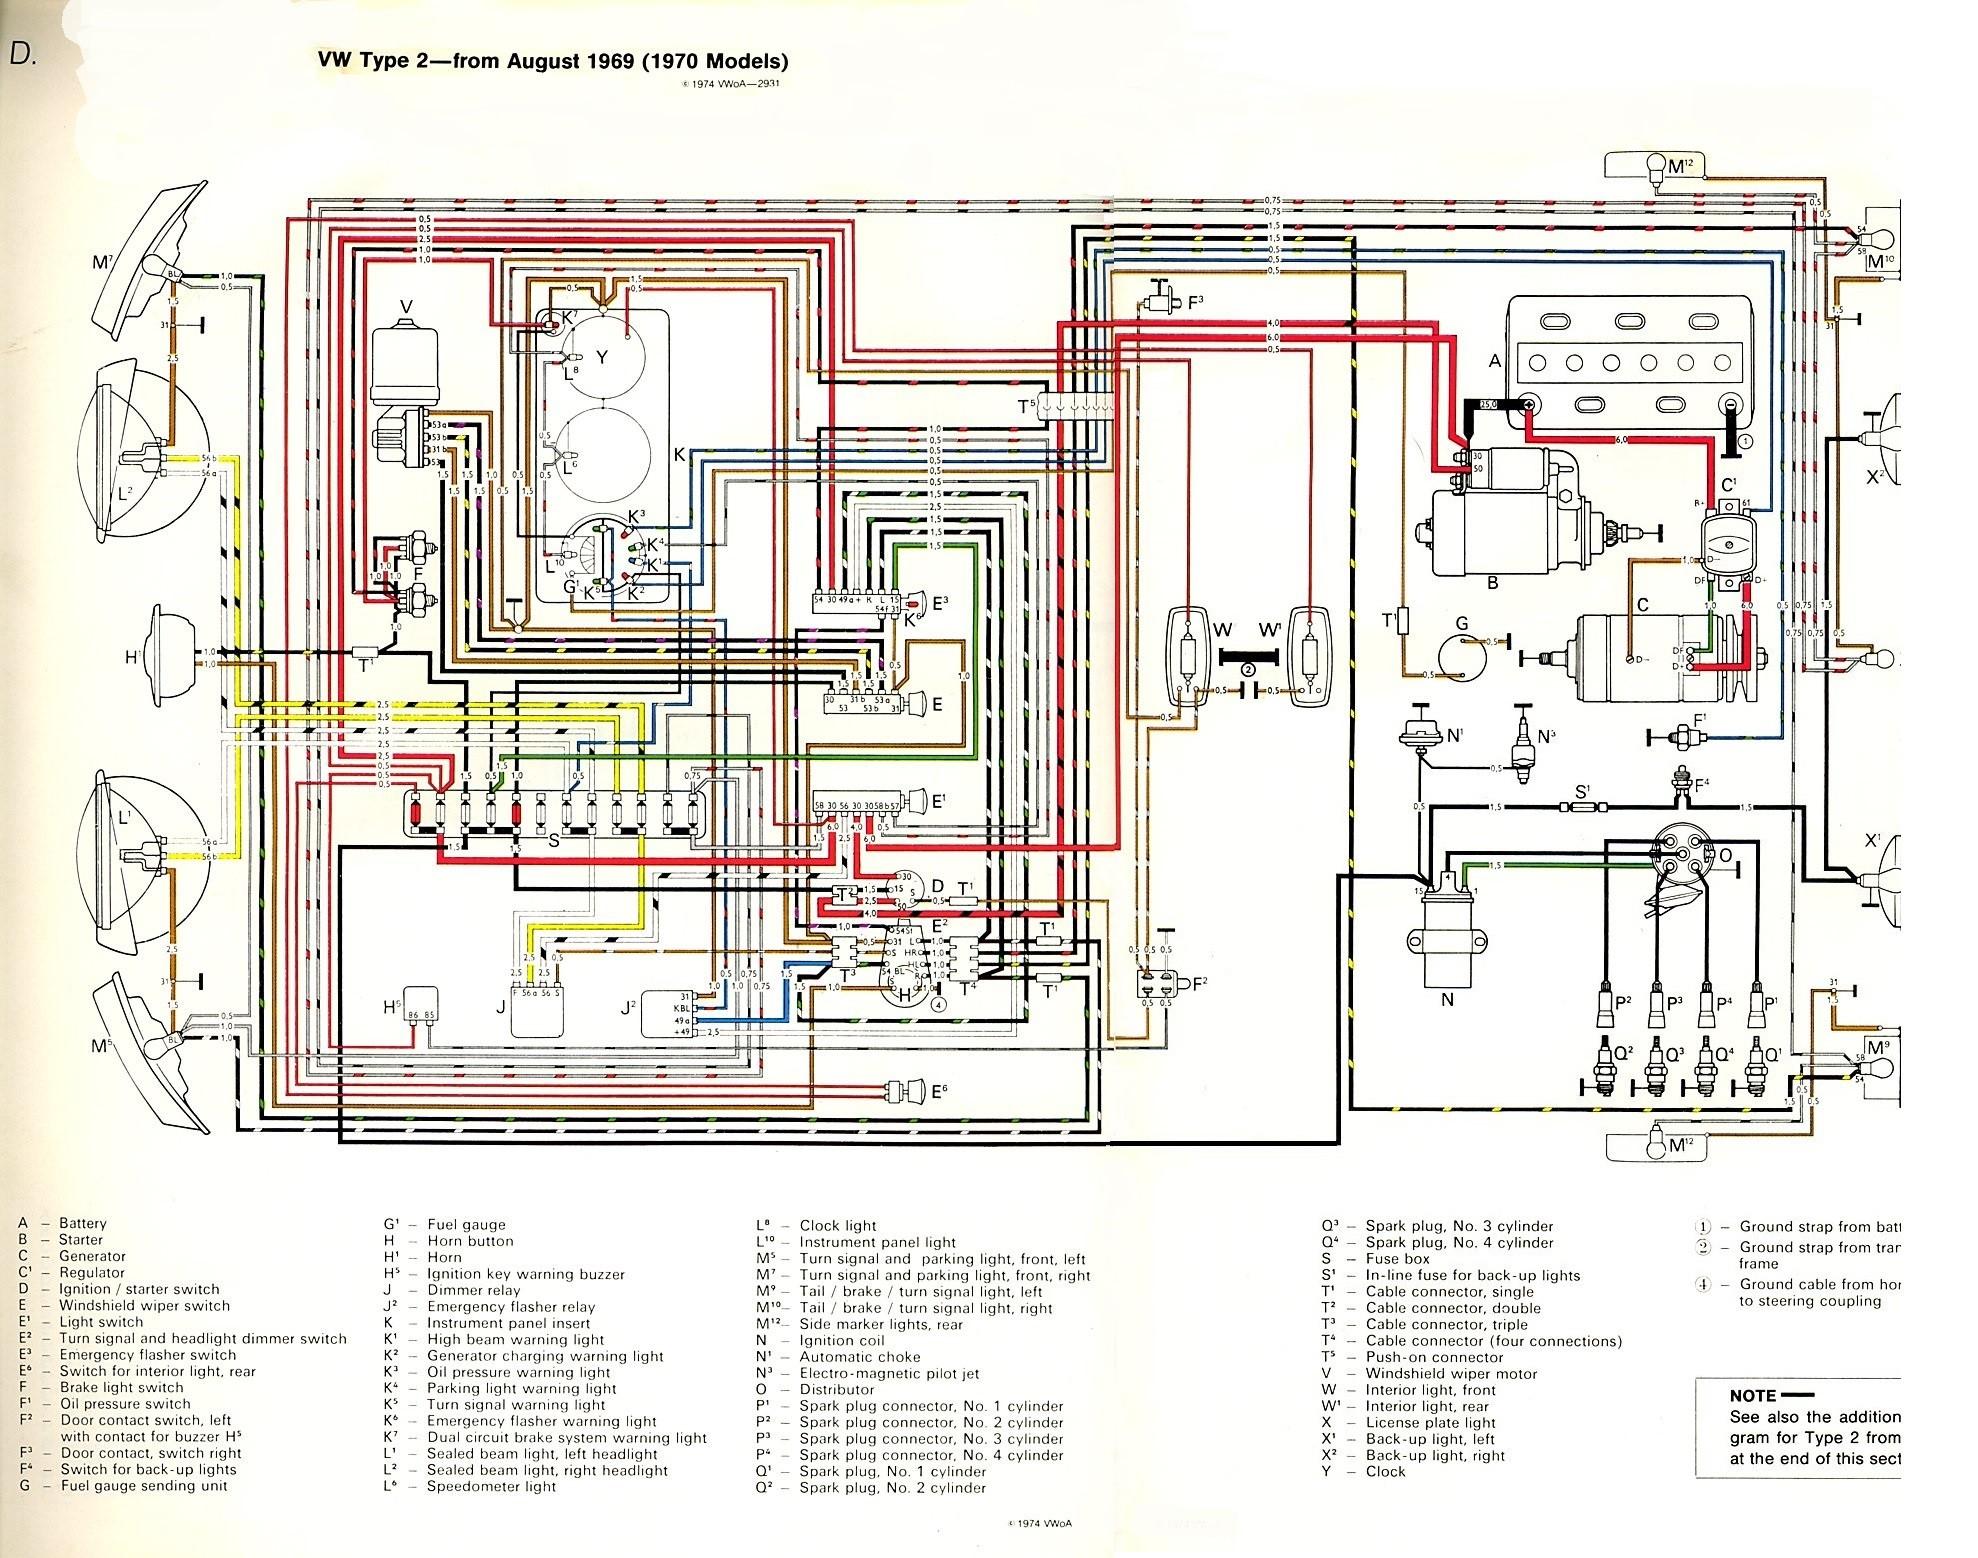 1967 Camaro Wiring Diagram thesamba Type 2 Wiring Diagrams Of 1967 Camaro Wiring Diagram